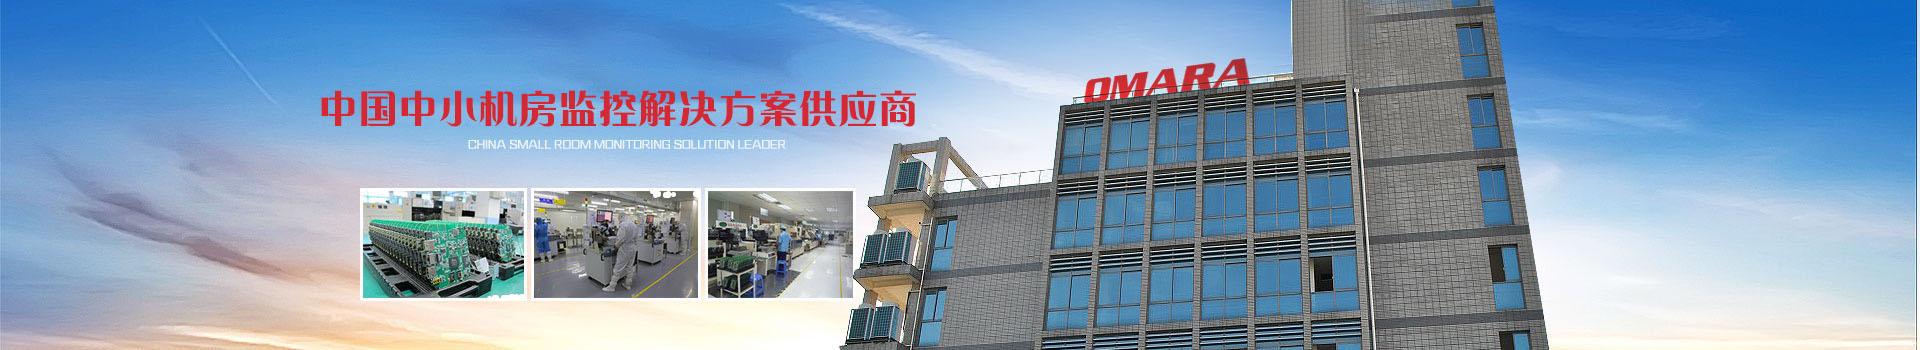 中国中小机房监控解决方案供应商